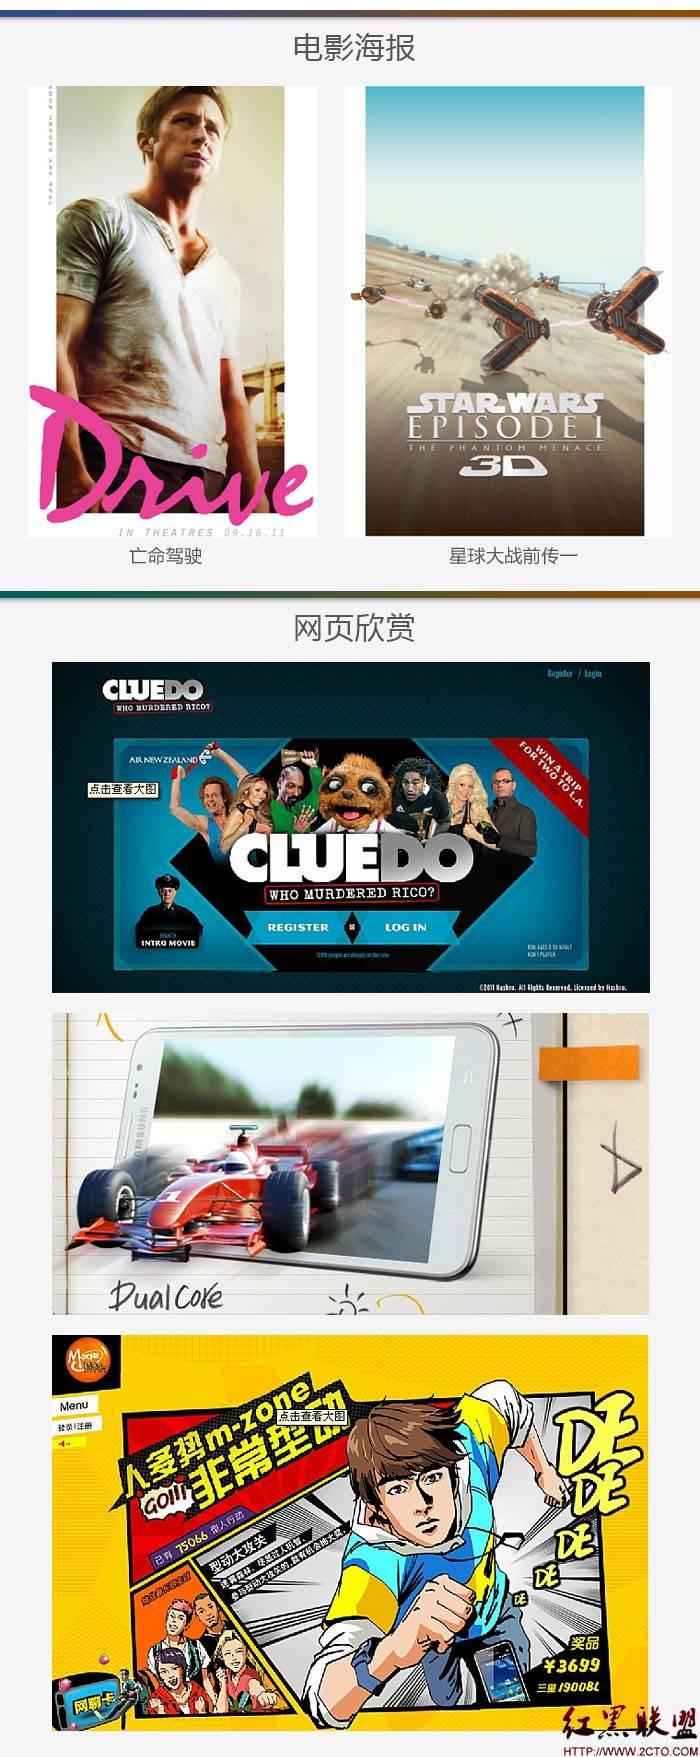 优秀网页欣赏 从电影海报看网页设计趋势